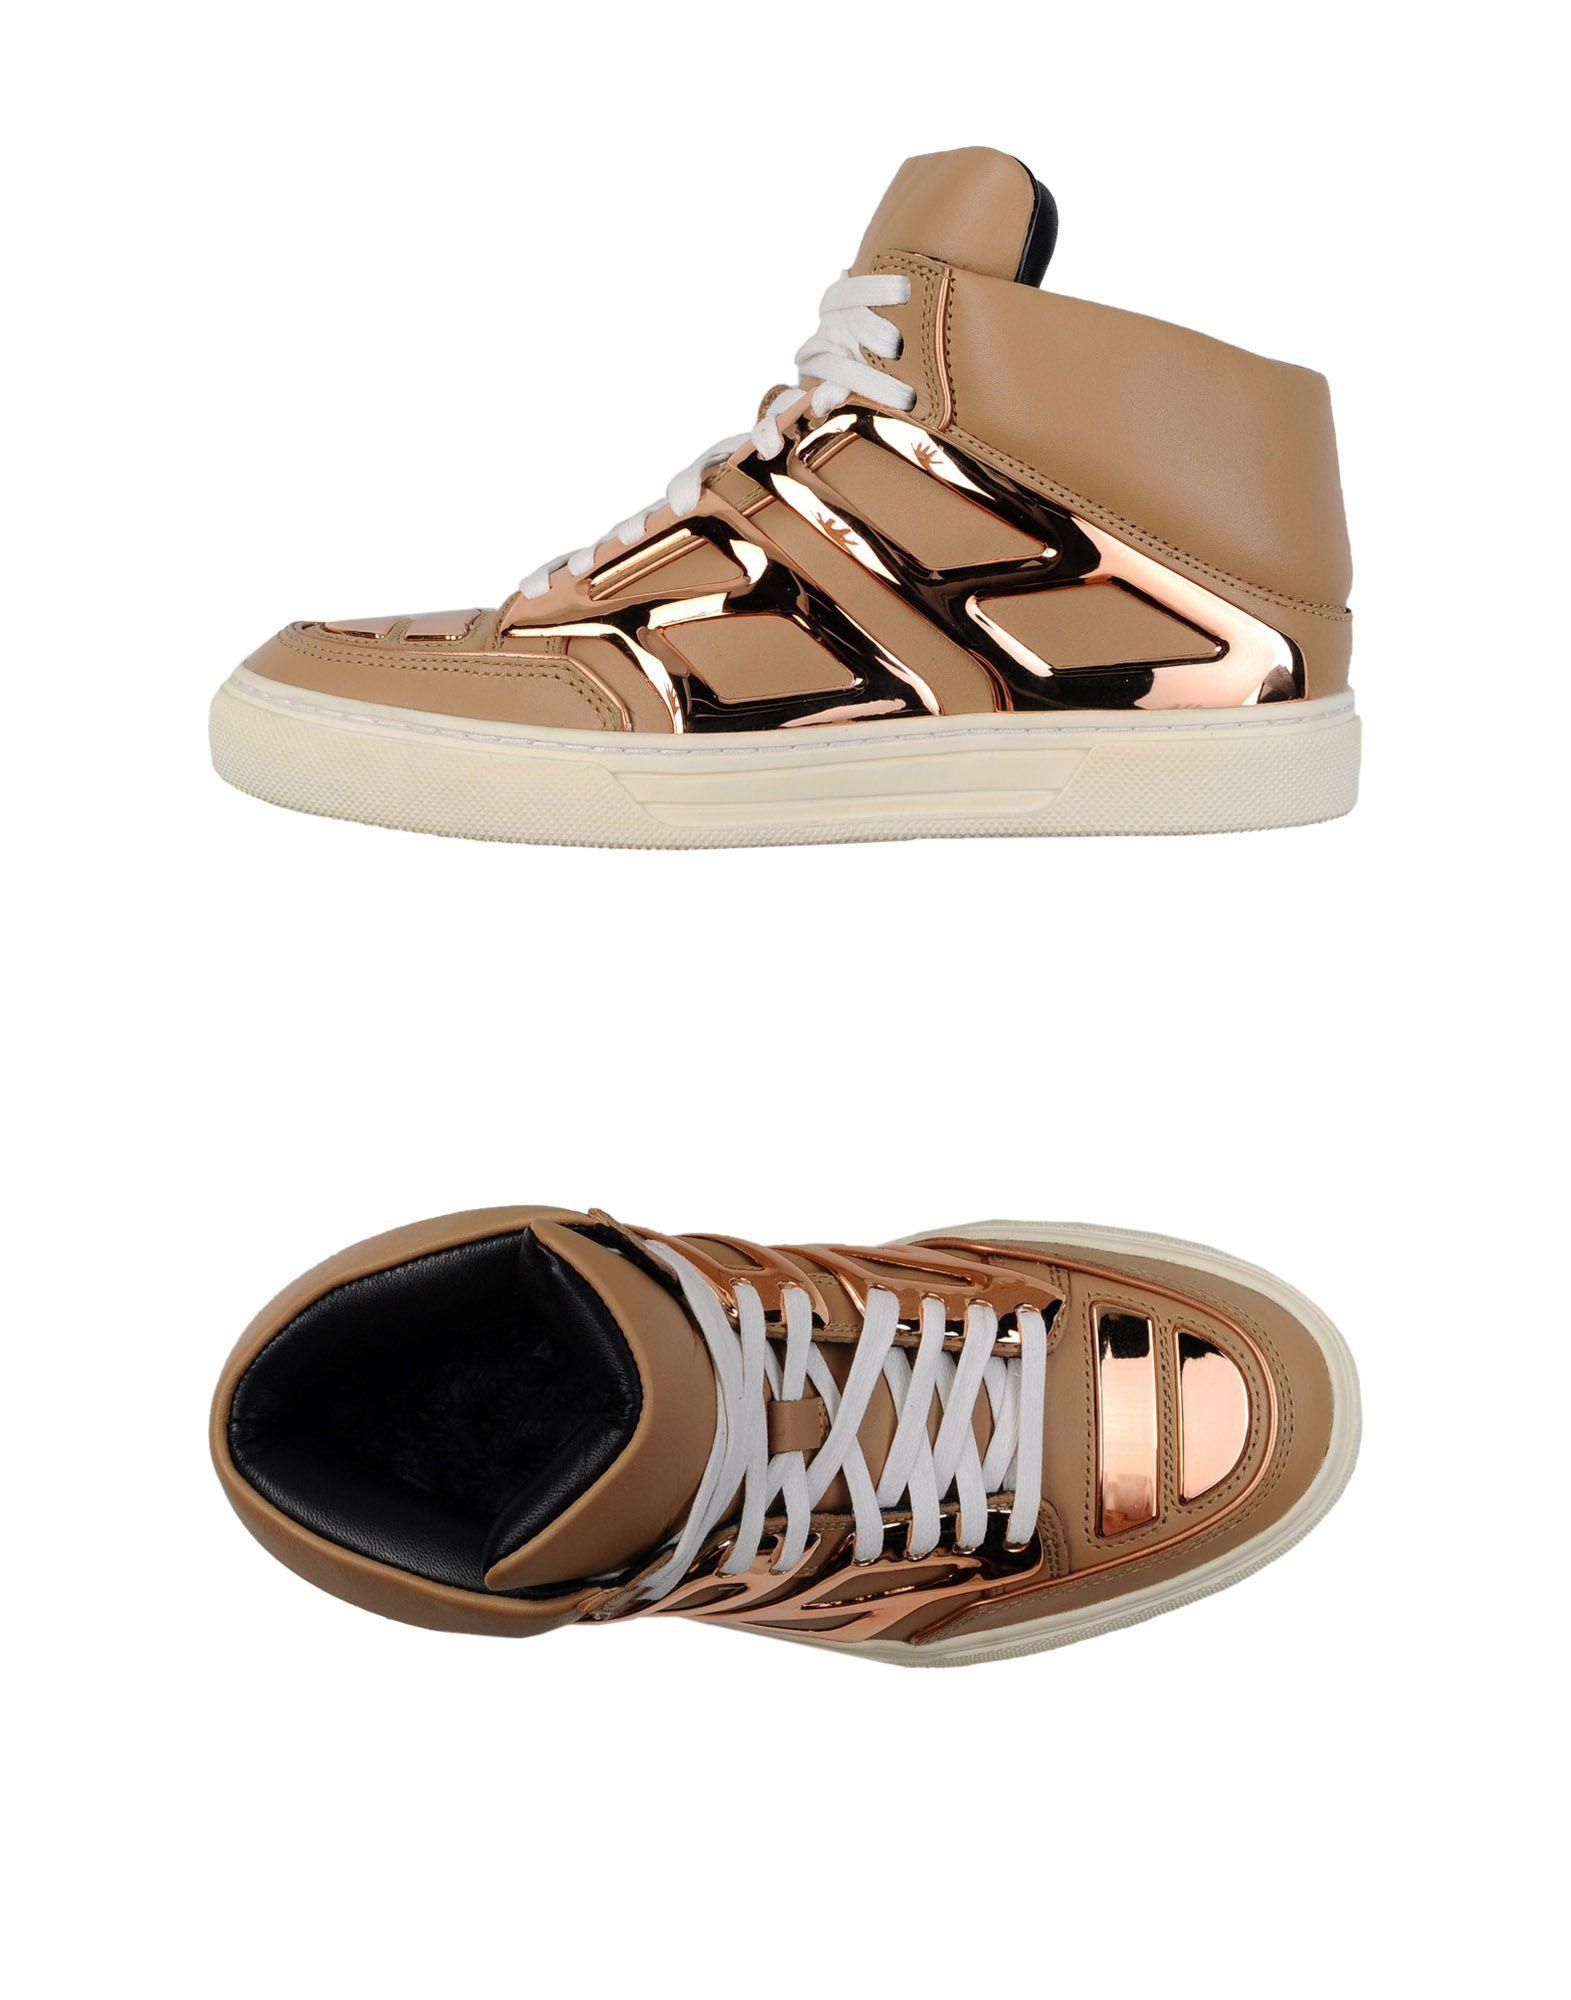 Alejandro Ingelmo Sneakers Damen aussehende  44847258BVGünstige gut aussehende Damen Schuhe 302213